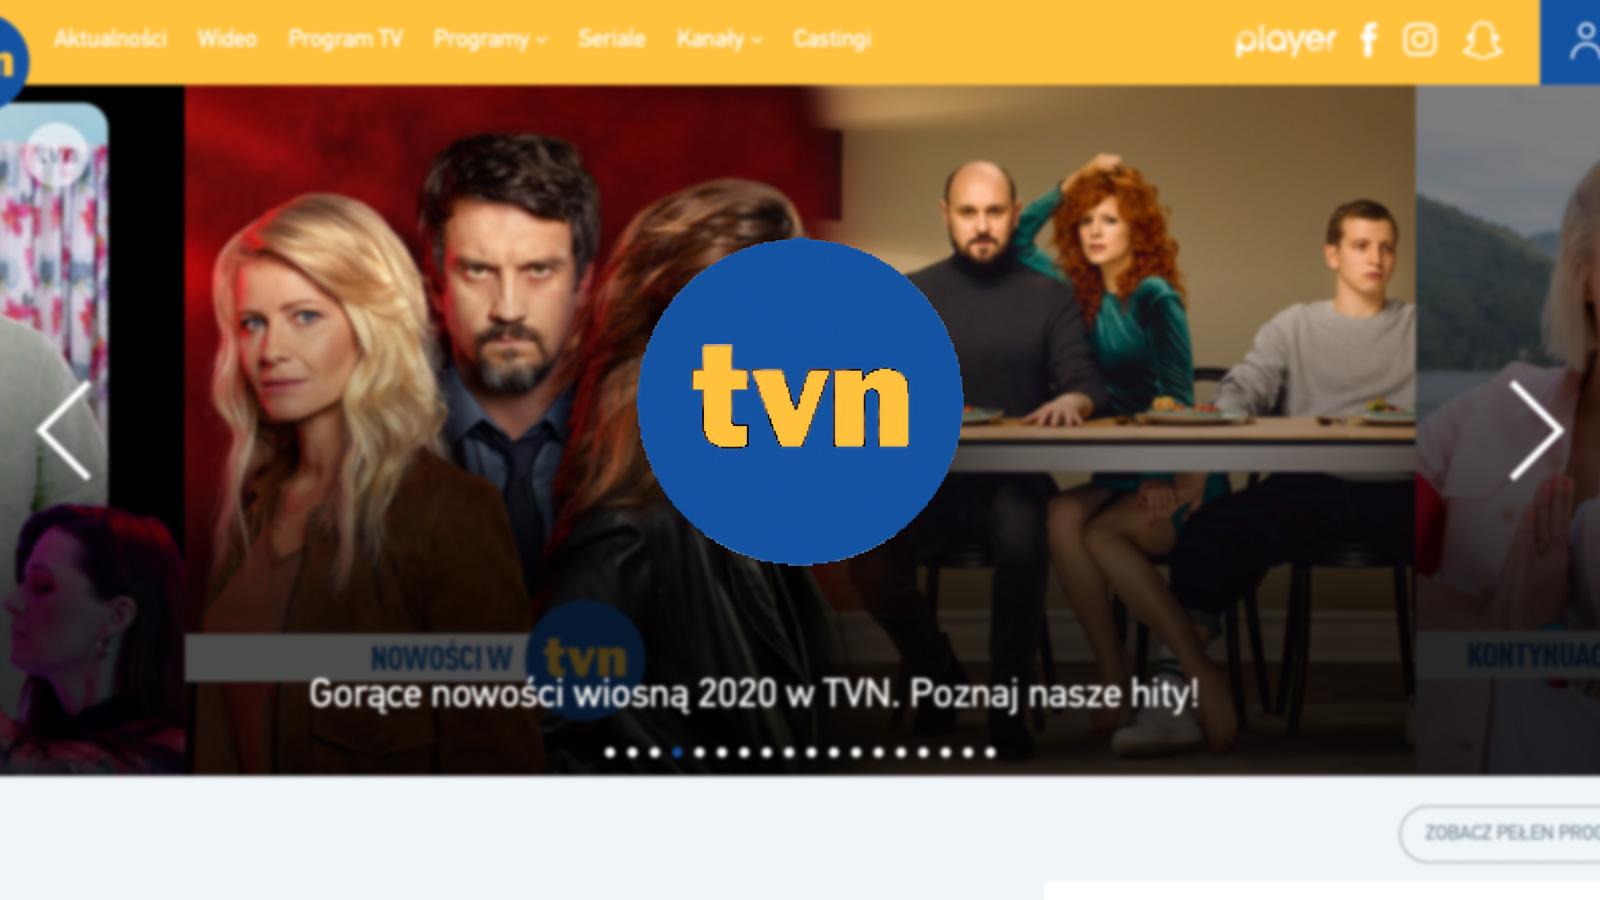 Nowa ramówka TVN na 2020 TVN mediarun tvn ramowka 2020